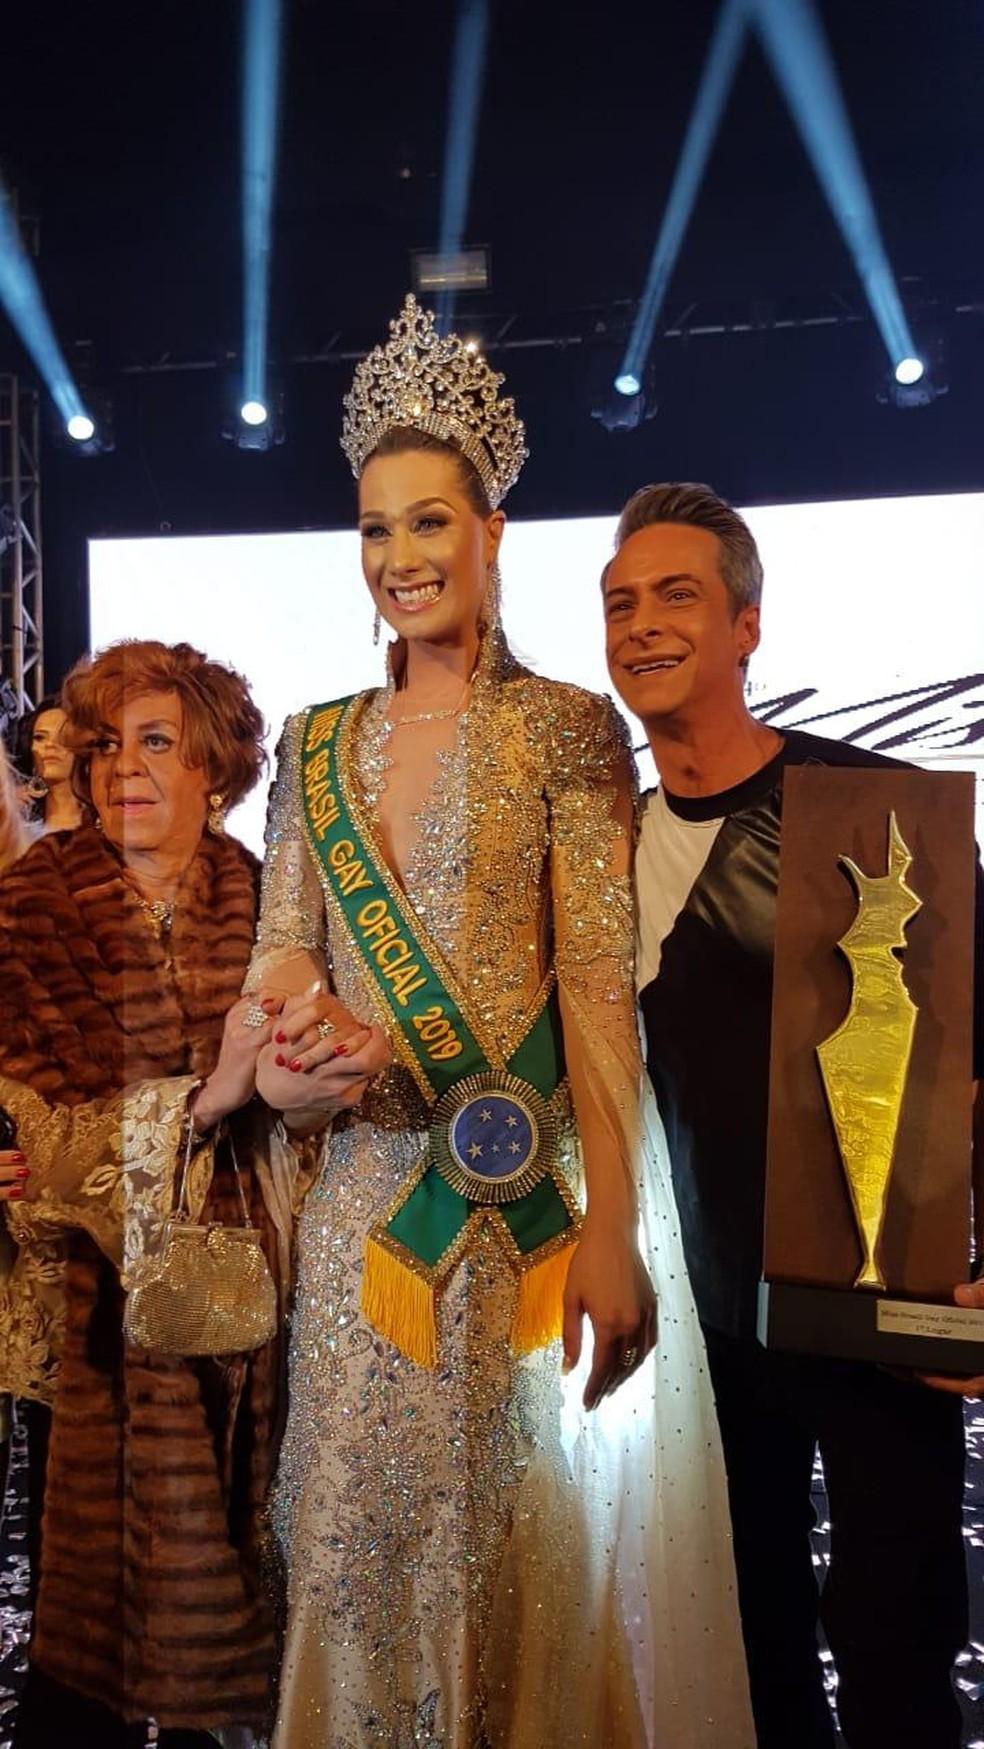 Chiquinho Mota, idealizador do concurso; Antonia Gutierrez, a Miss 2019; e André Pavan, um dos organizadores do concurso — Foto: Assessoria/Divulgação